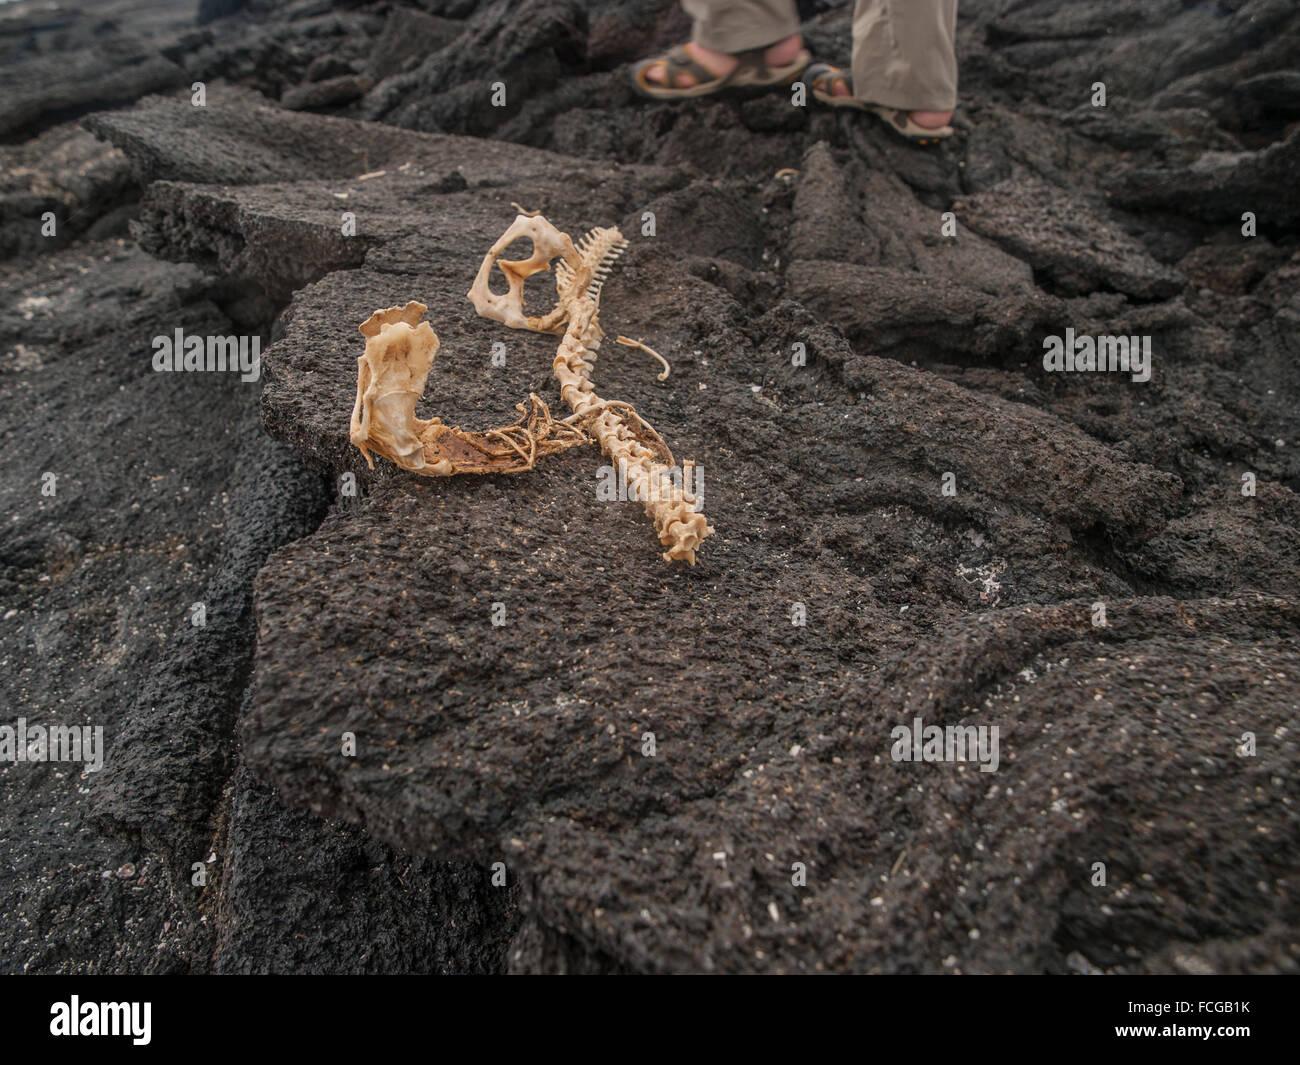 Scheletro Sul Nero Nelle Lo Di Isole Roccia Lavica Iguana KFJcTl1